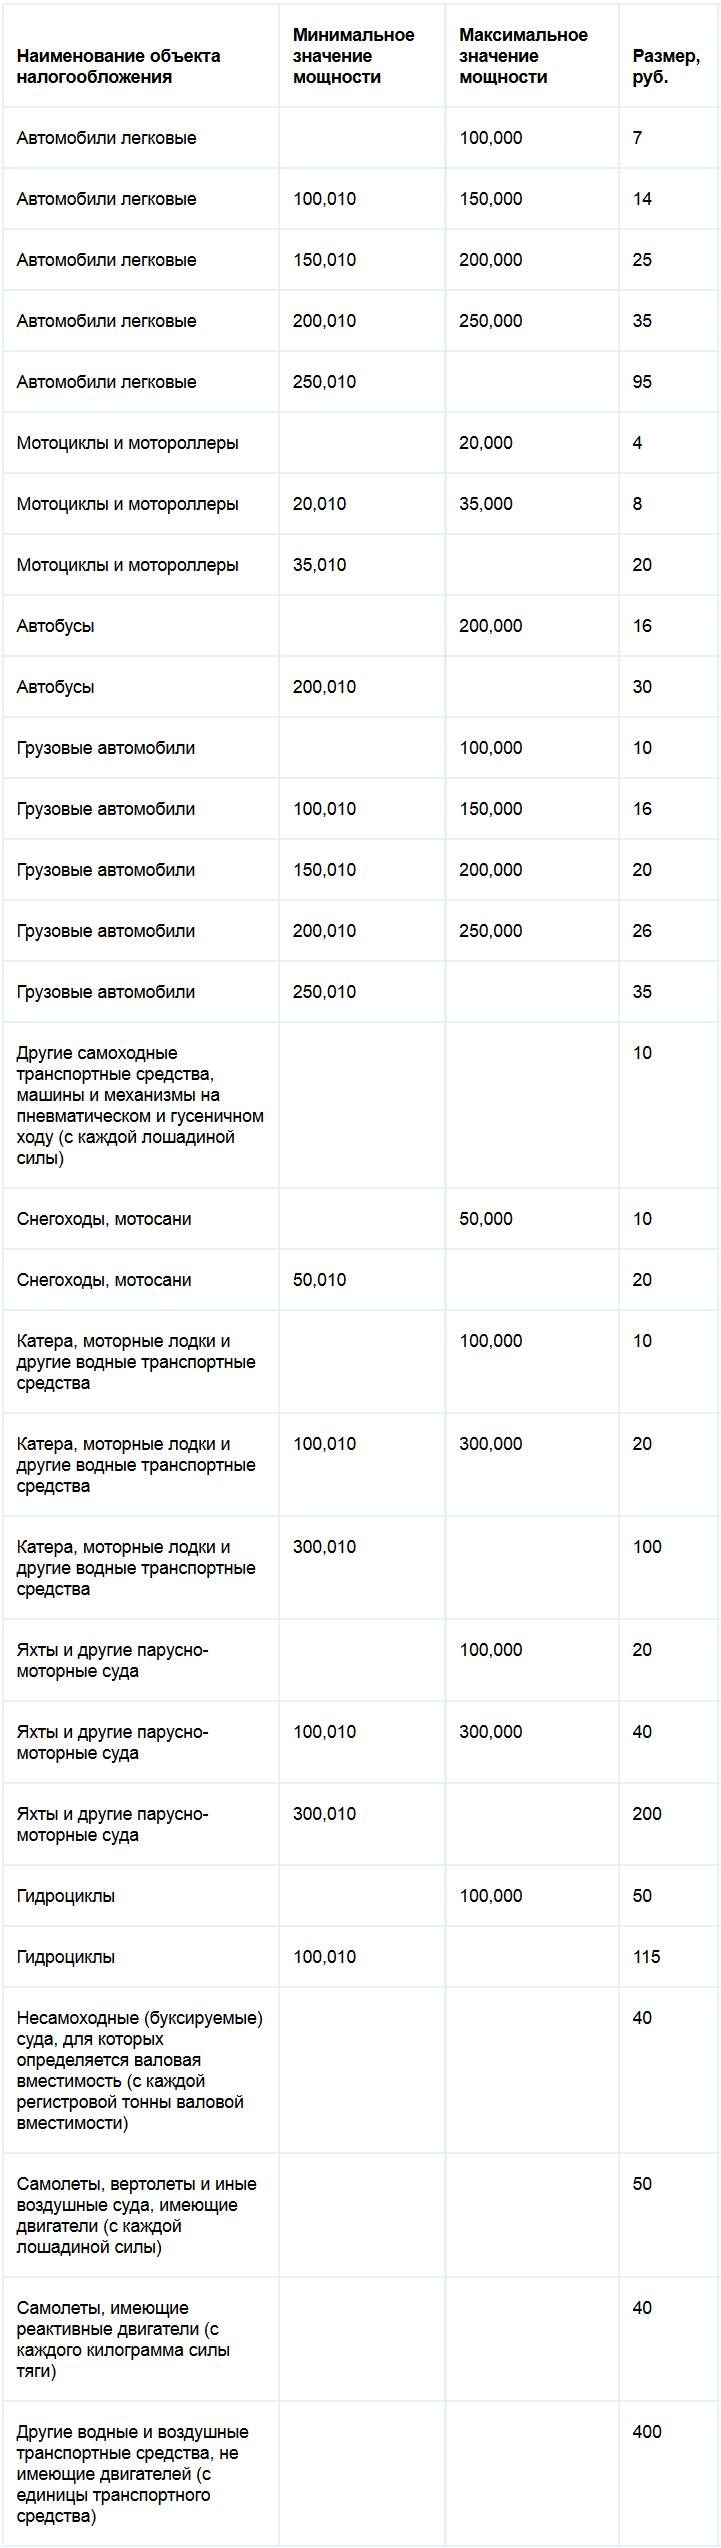 Ставки транспортного налога Карачаево-Черкесской республики